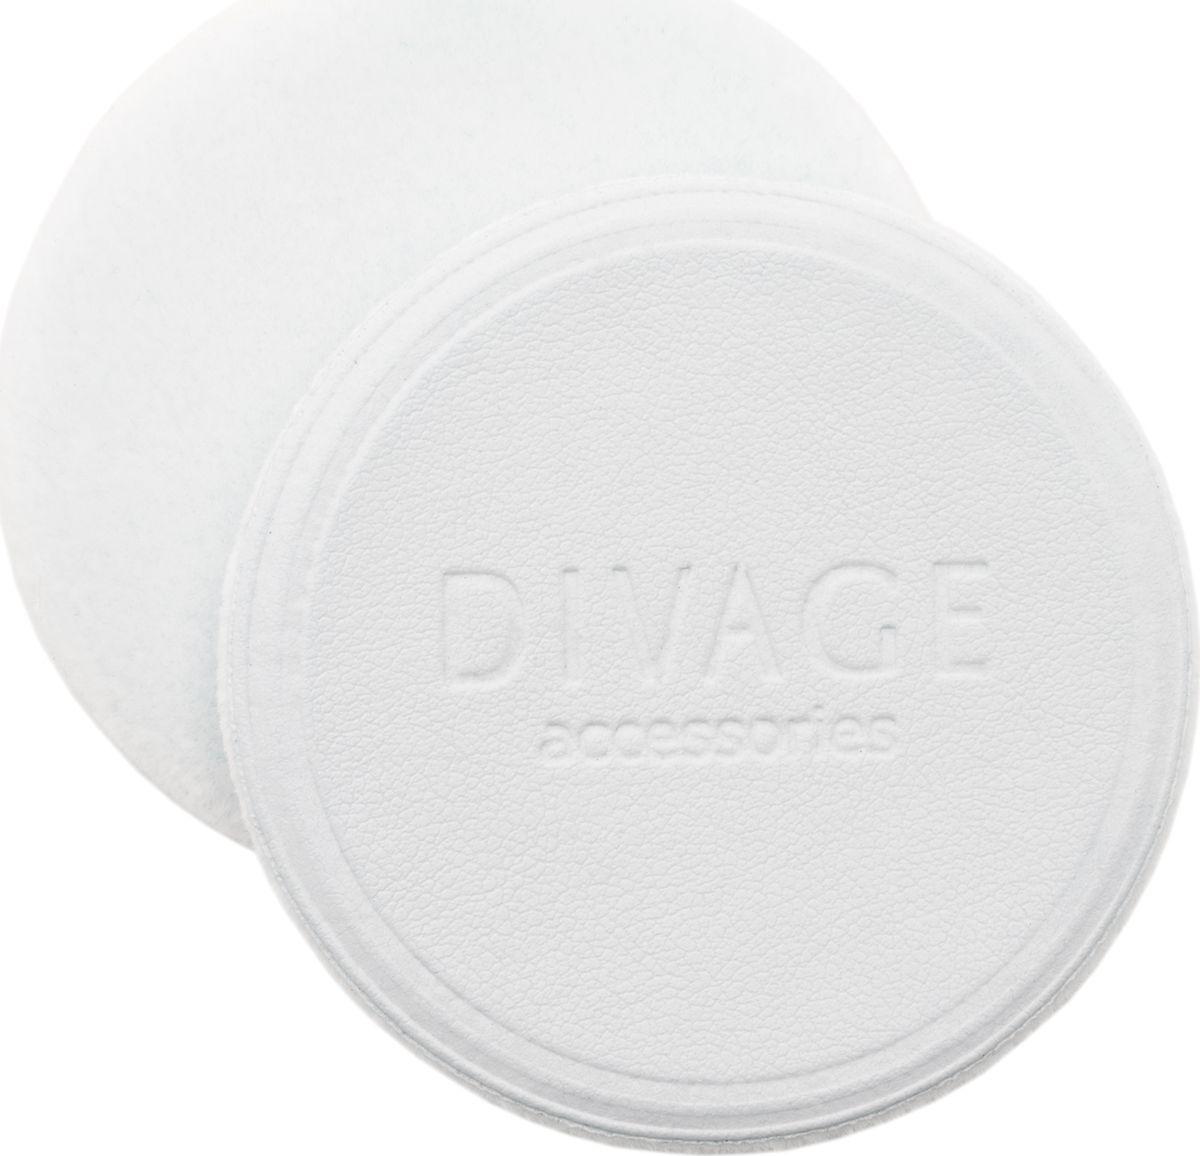 Divage Accessories - Спонж для пудры круглый, белый d60 мм2101-WX-01Ультра мягкий флоковый спонж для нанесения и смешивания румян, а также для компактной или рассыпчатой пудры изготовлен из высококачественного микроволокна. Превращает процесс нанесения макияжа в удовольствие. Стильный дизайн и противоскользящая лицевая поверхность из искусственной кожи для наибольшего удобства в использовании. Имеет стандартный размер, подходящий для большинства пудрениц. СОВЕТ ОТ DIVAGE: Содержи флоковый спонж в чистоте. После применения тщательно промой теплой водой с мылом, бережно отожми, распрями и просуши для дальнейшего применения.